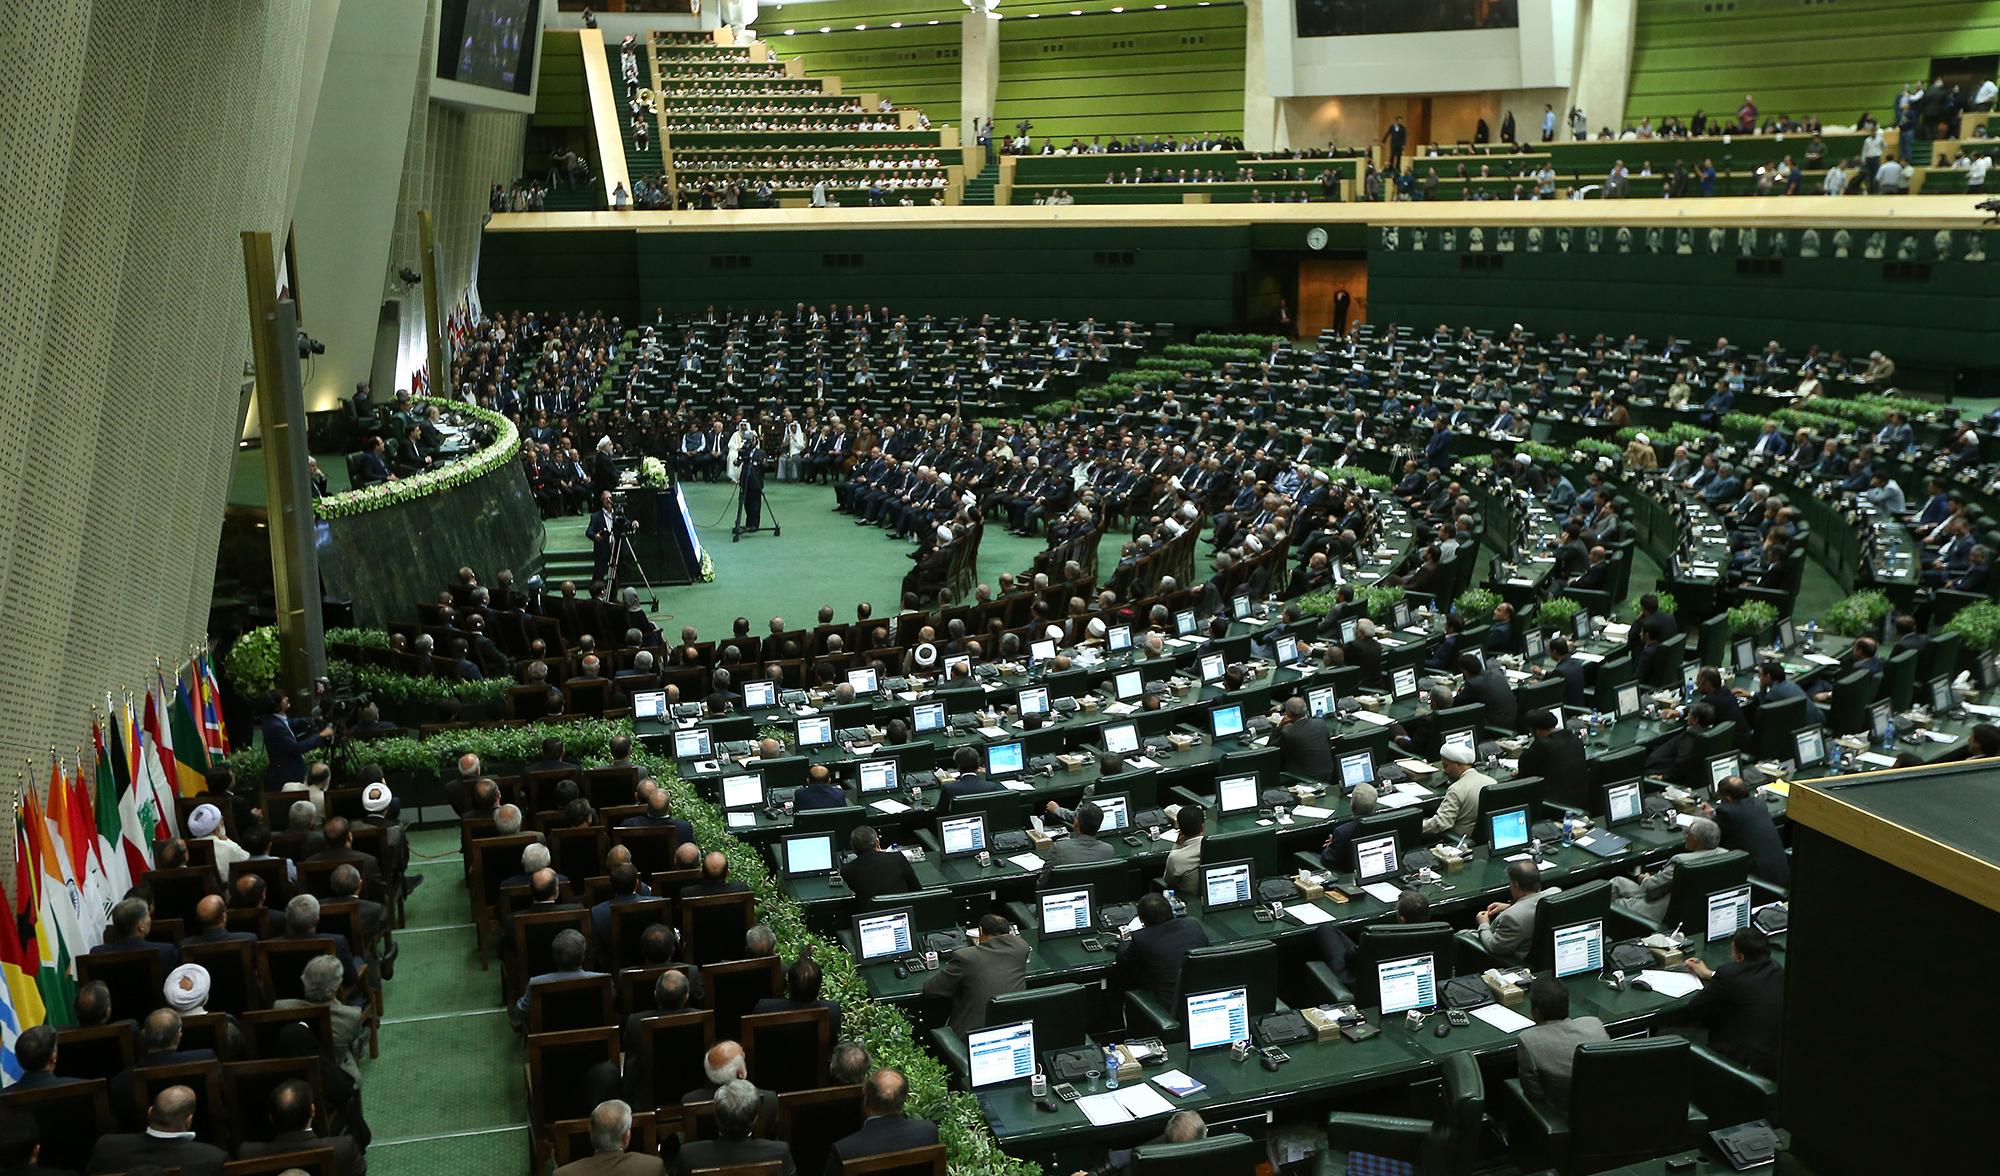 طرح تشکیل وزارت انرژی در جلسه امروز کمیسیون بررسی شد